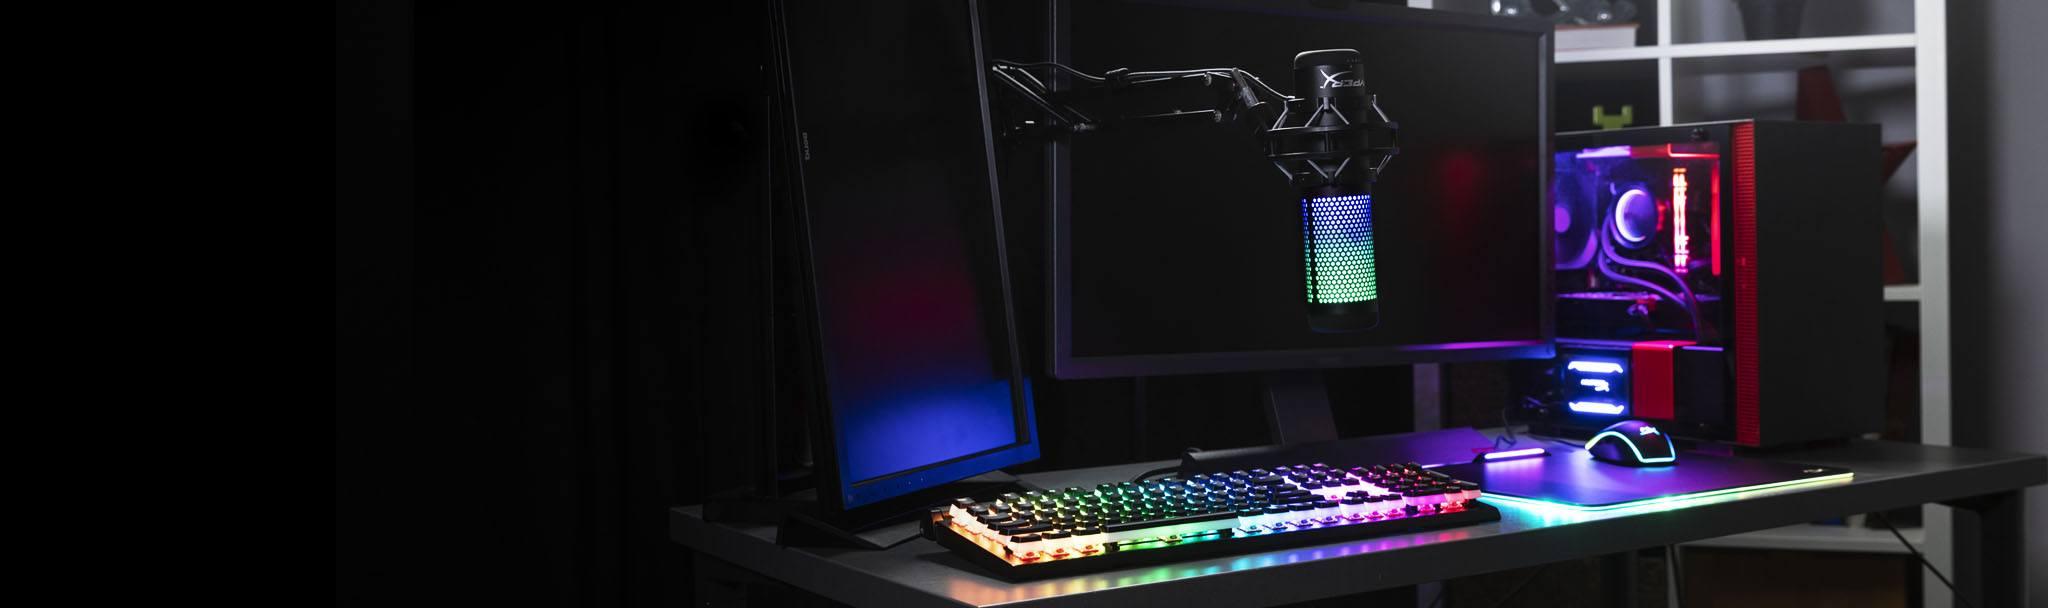 Microphone Kingston HyperX QuadCast S RGB - HMIQ1S-XX-RG/G có thể điều chỉnh led dễ dàng